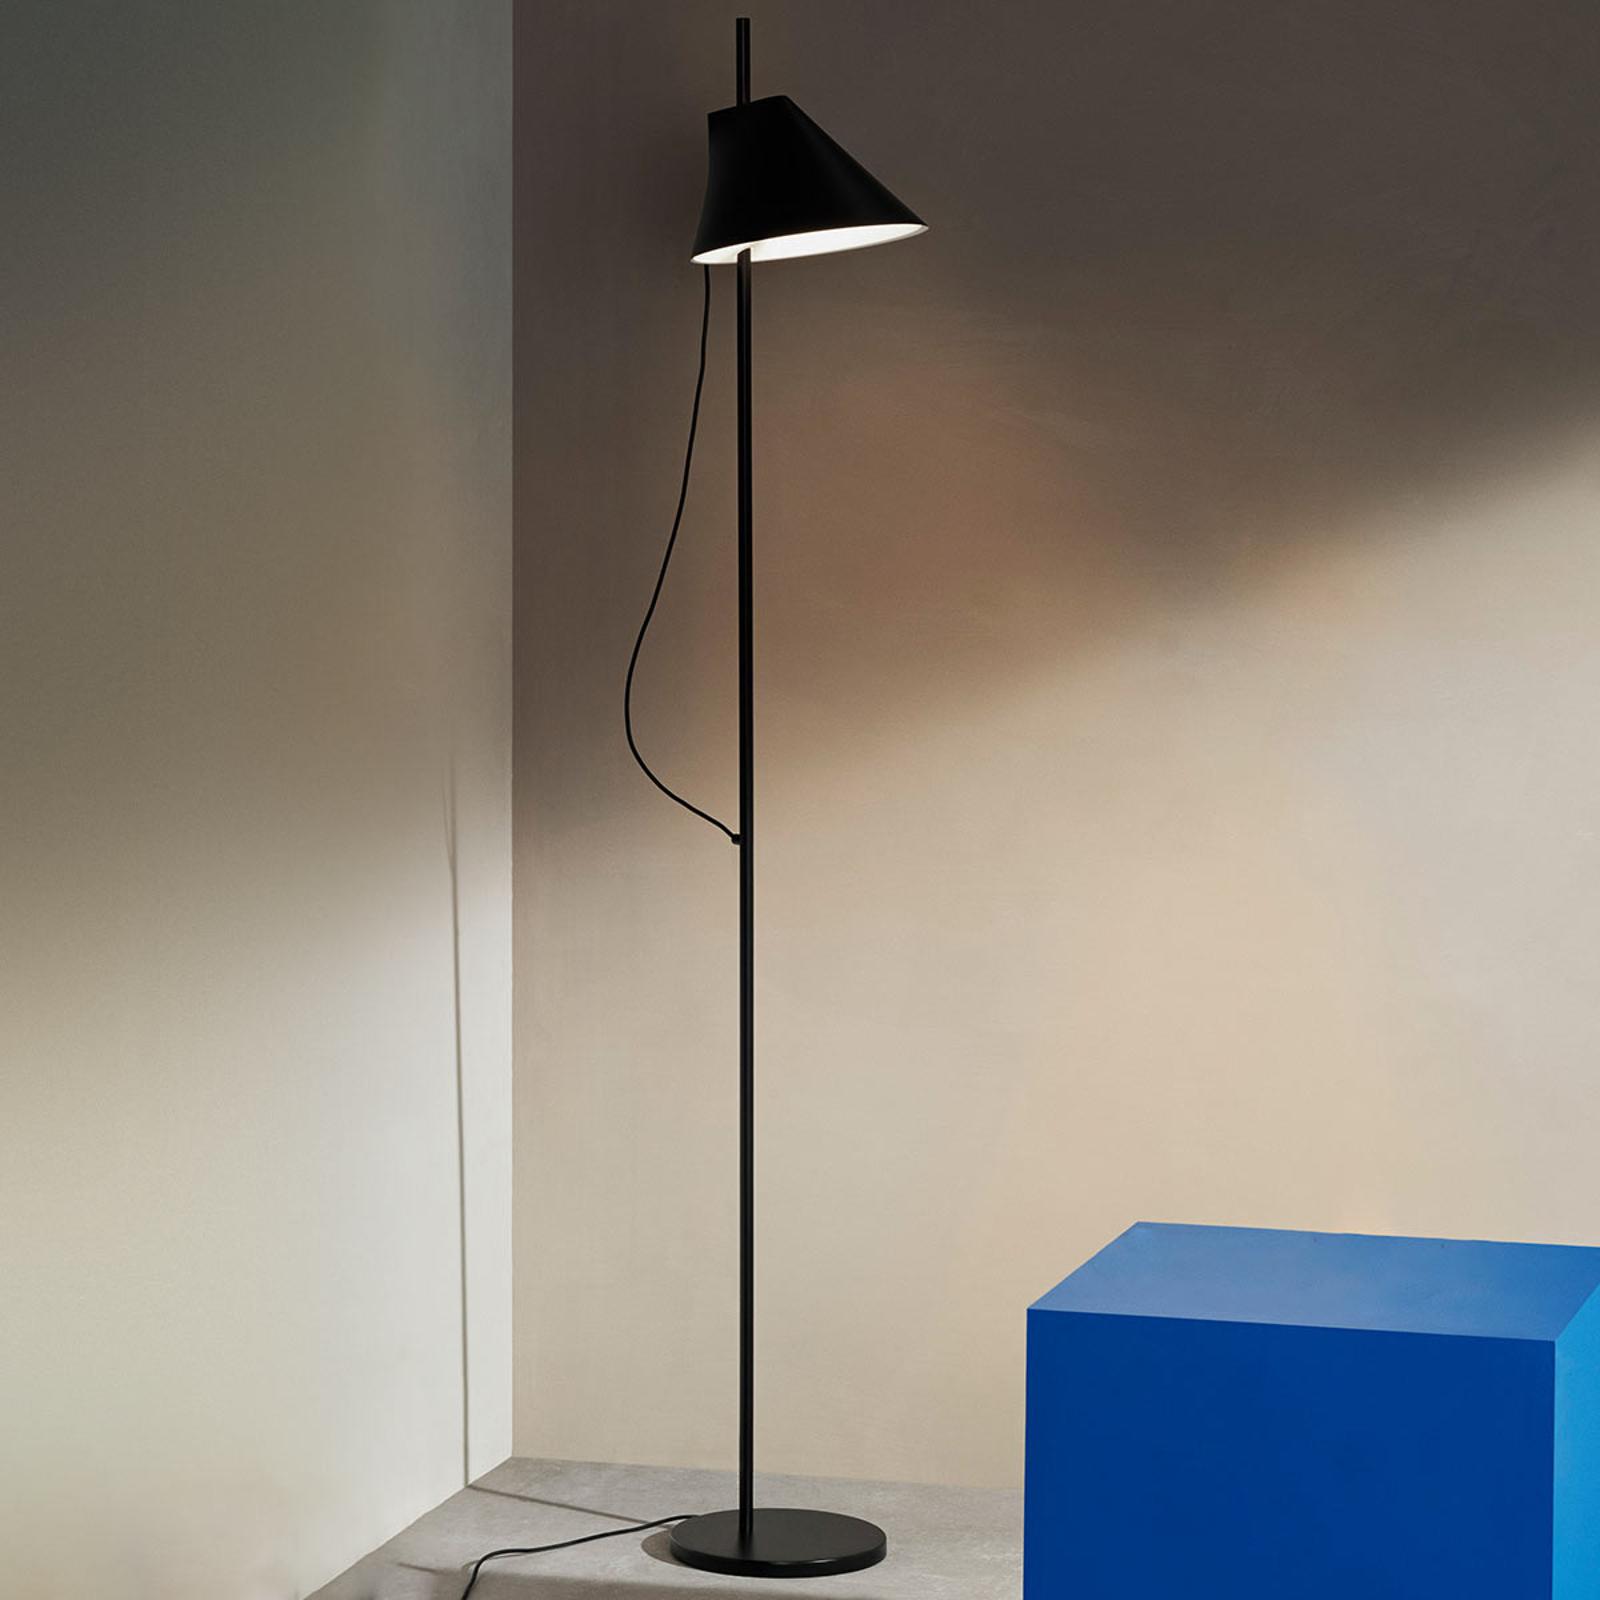 Dimbare designer LED tafellamp Yuh in zwart